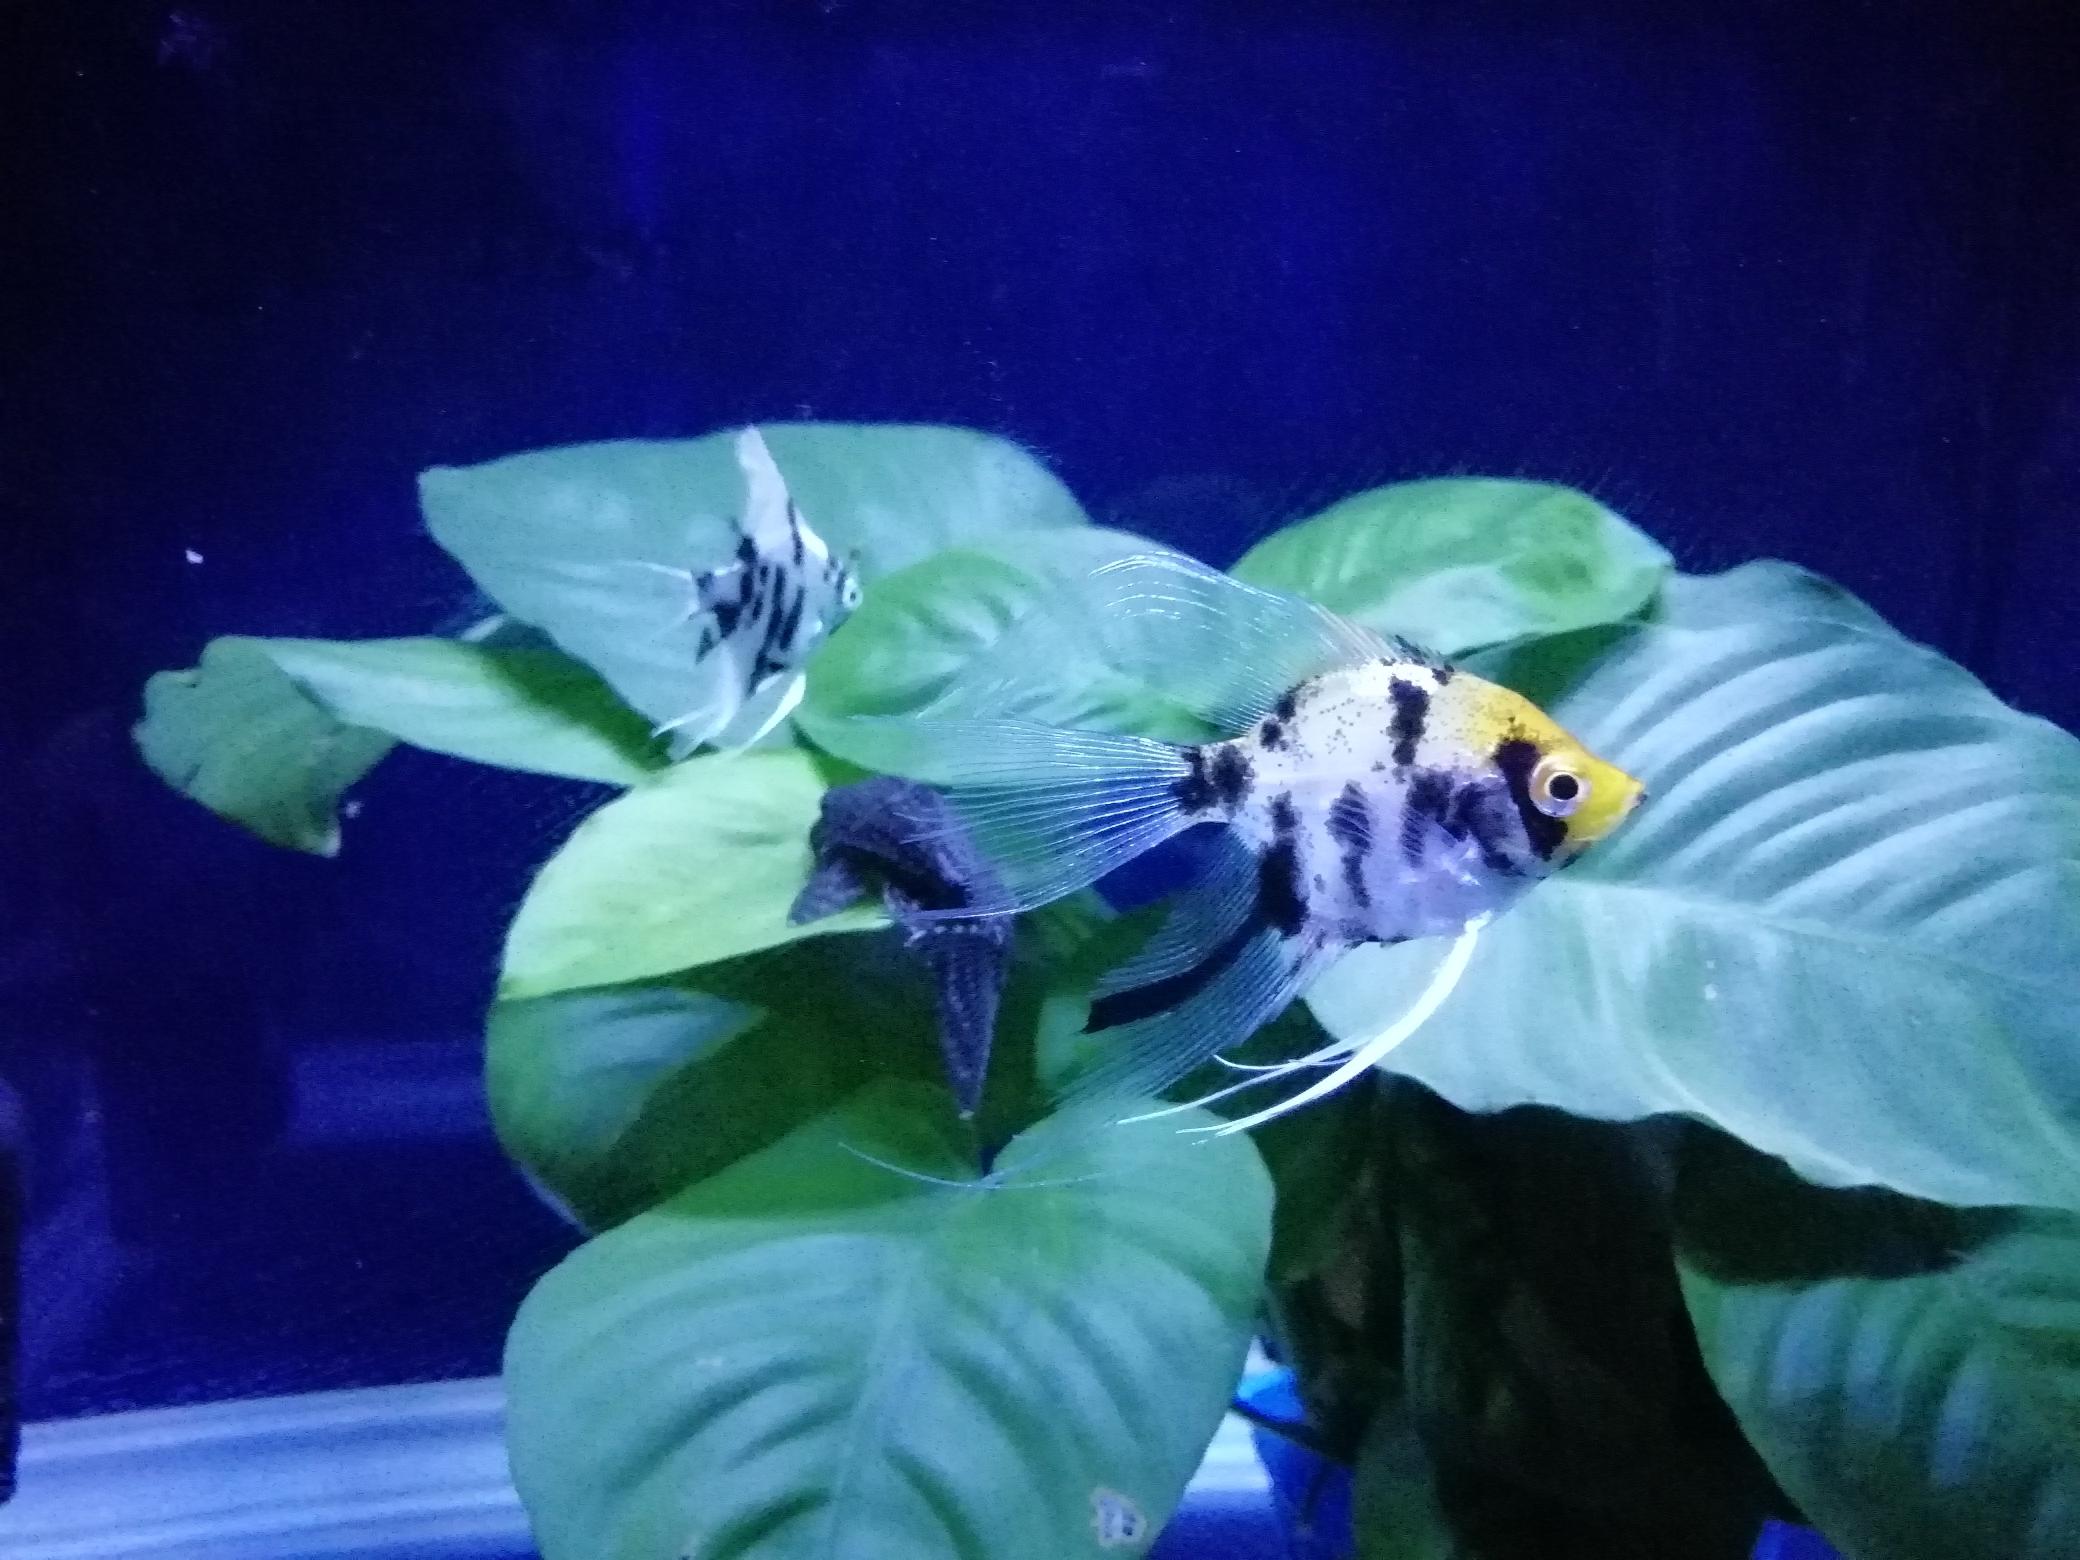 鄂州市花鸟鱼虫市场欣赏爱鱼 鄂州龙鱼论坛 鄂州龙鱼第6张